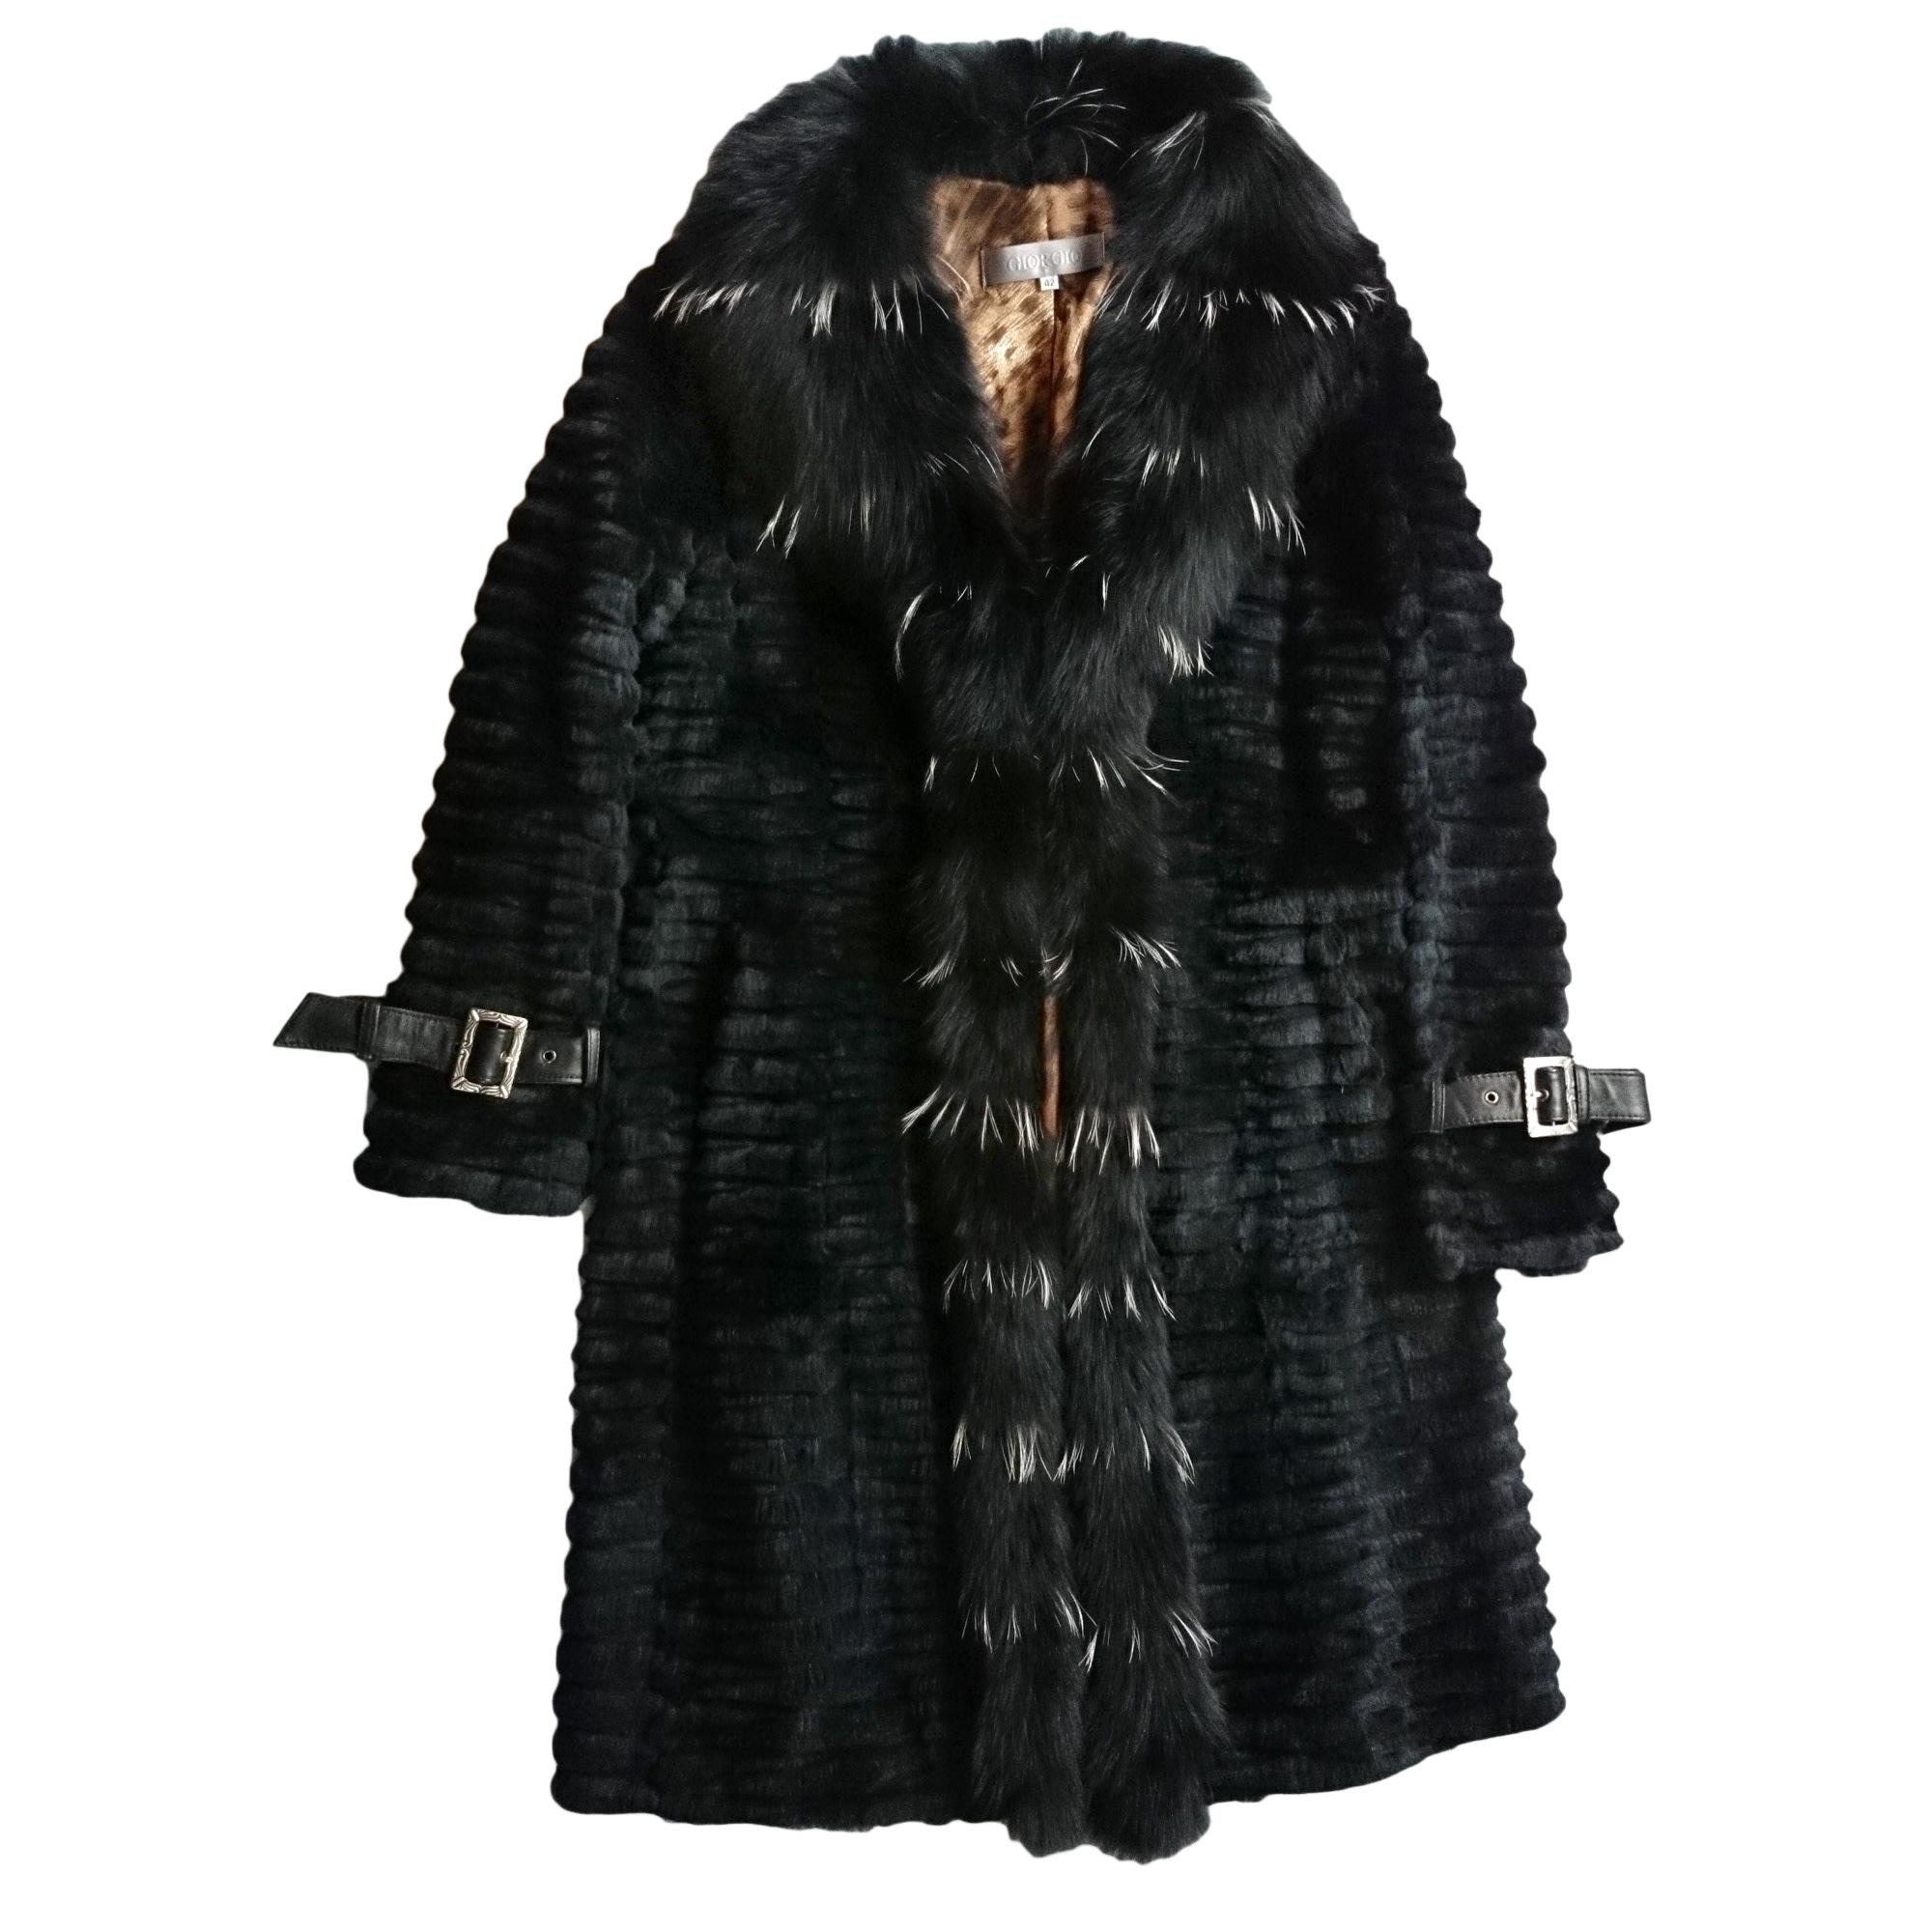 6b3826d00615f Manteau en fourrure GIORGIO 42 (L XL, T4) noir vendu par Aliouchka ...